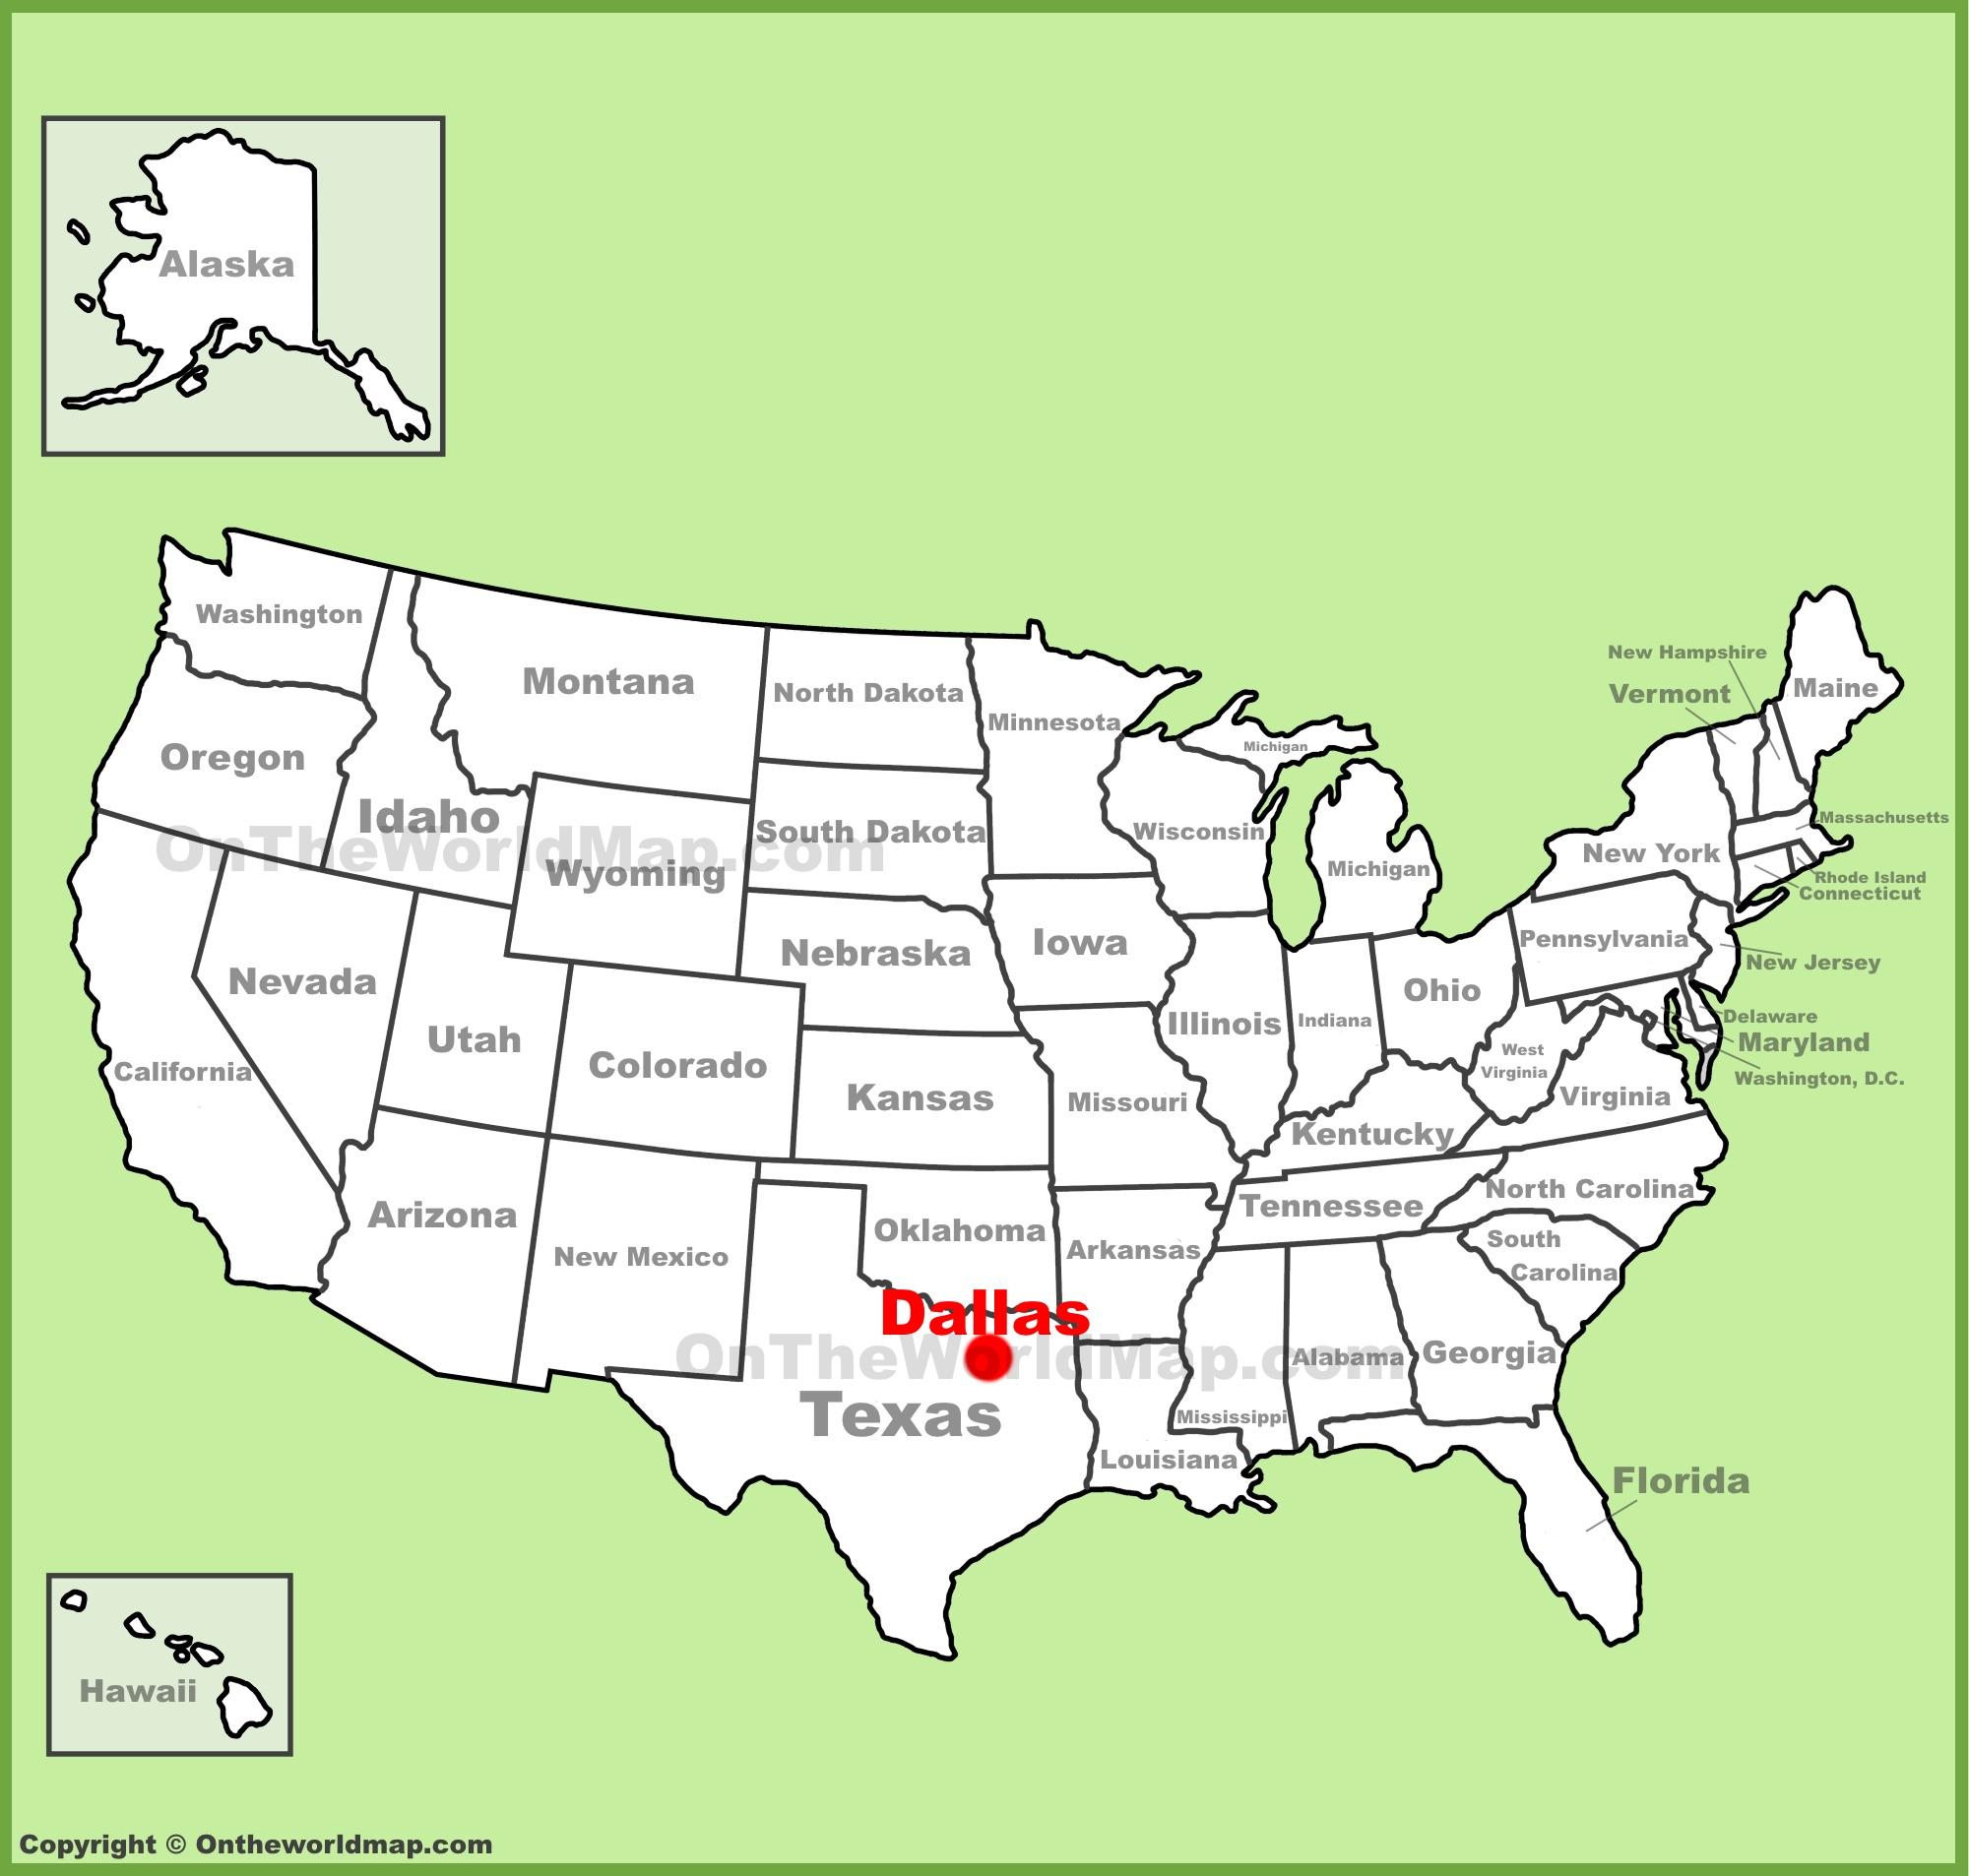 Dallas Maps | Texas, U.s. | Maps Of Dallas - Printable Map Of Dallas